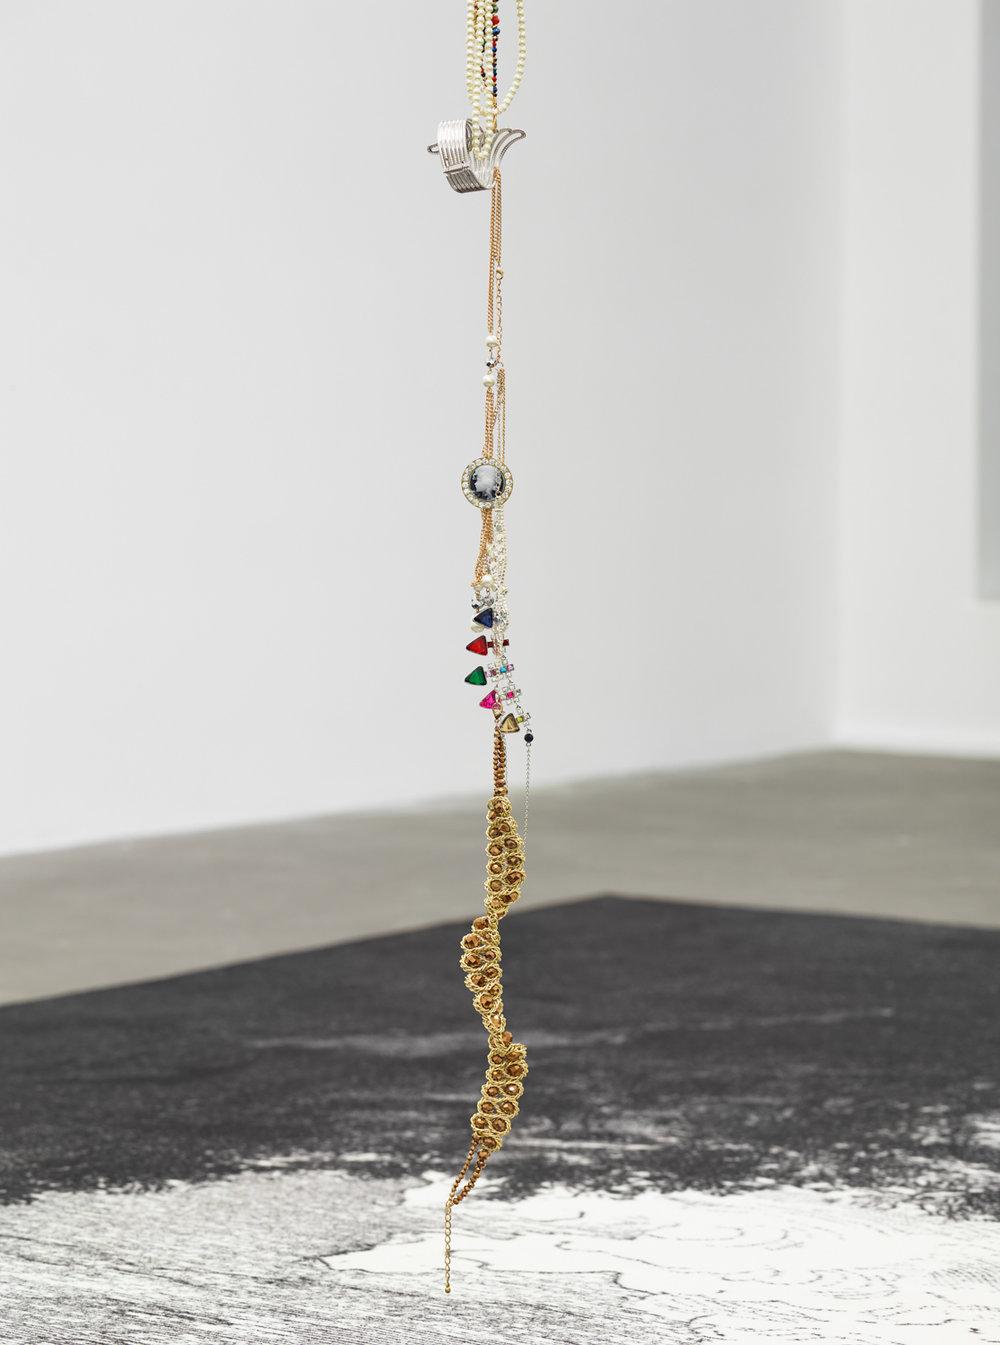 Pierre Ardouvin   La tête en bas (Upside Down) , 2017 (Installation detail)